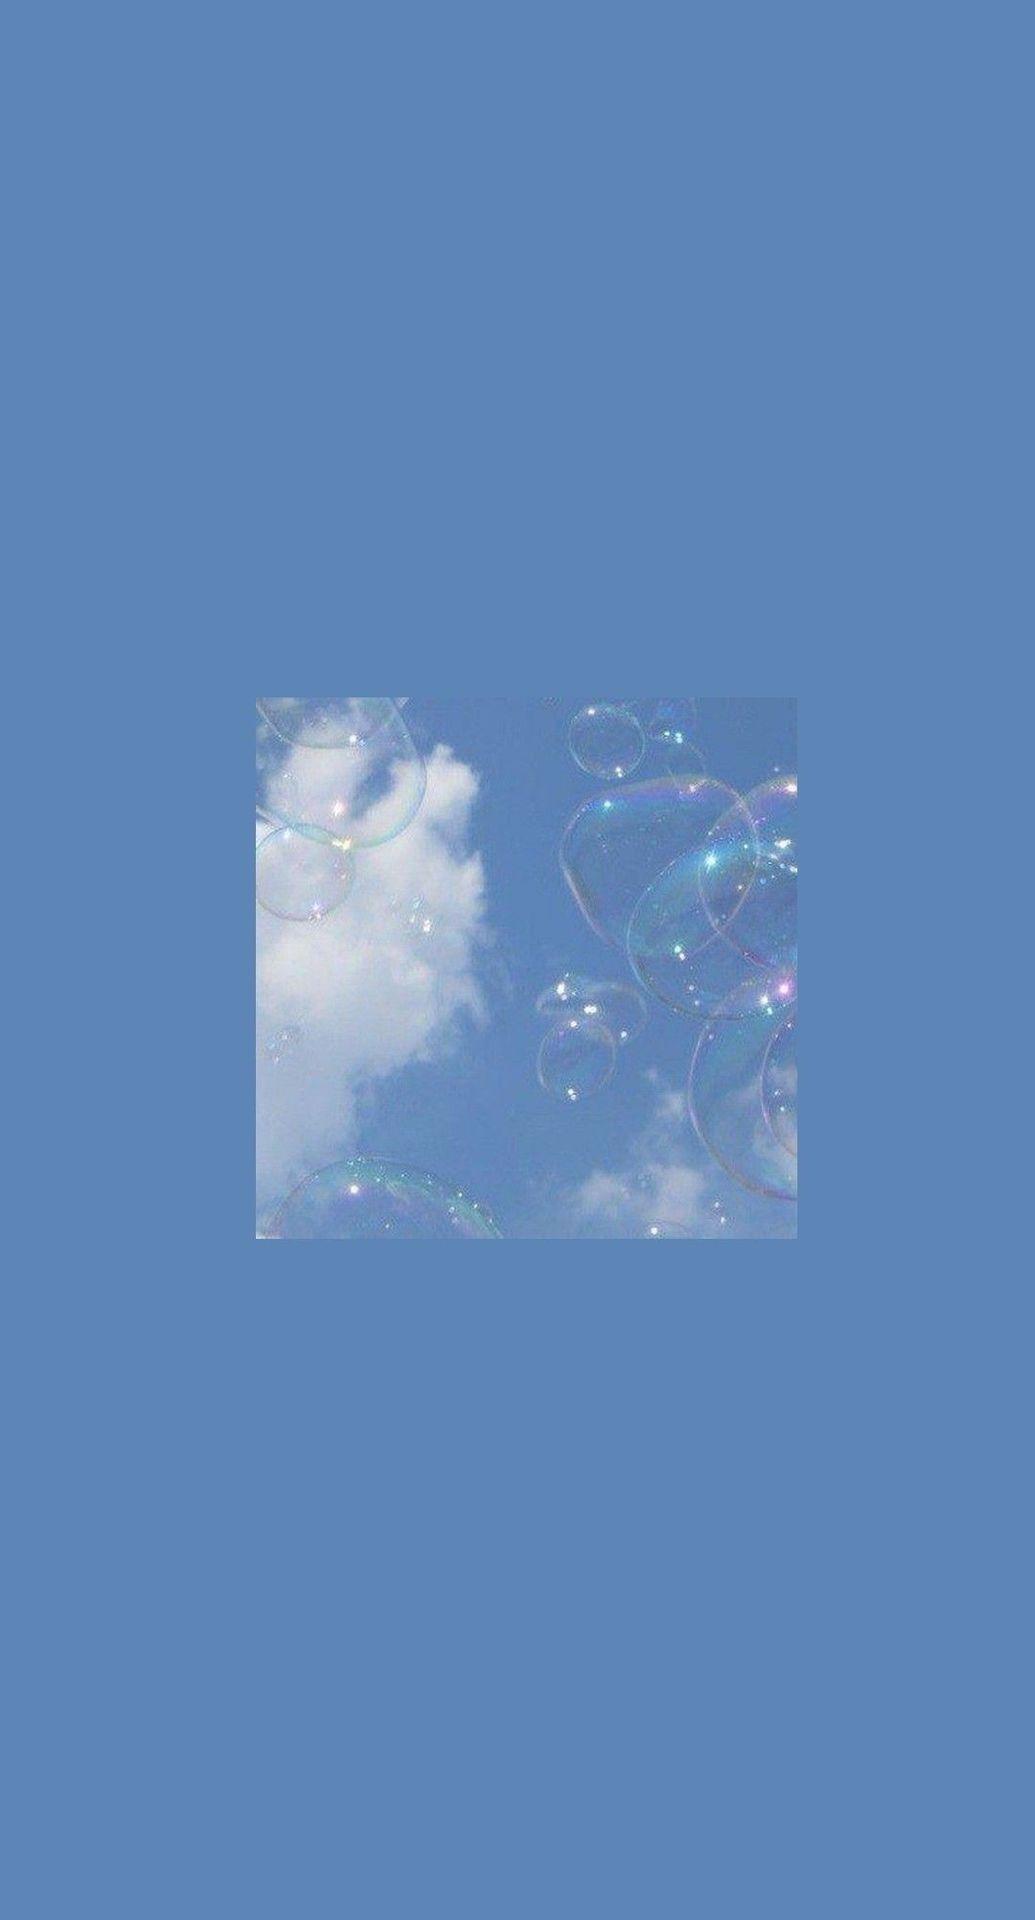 ✨������✨ - Blue